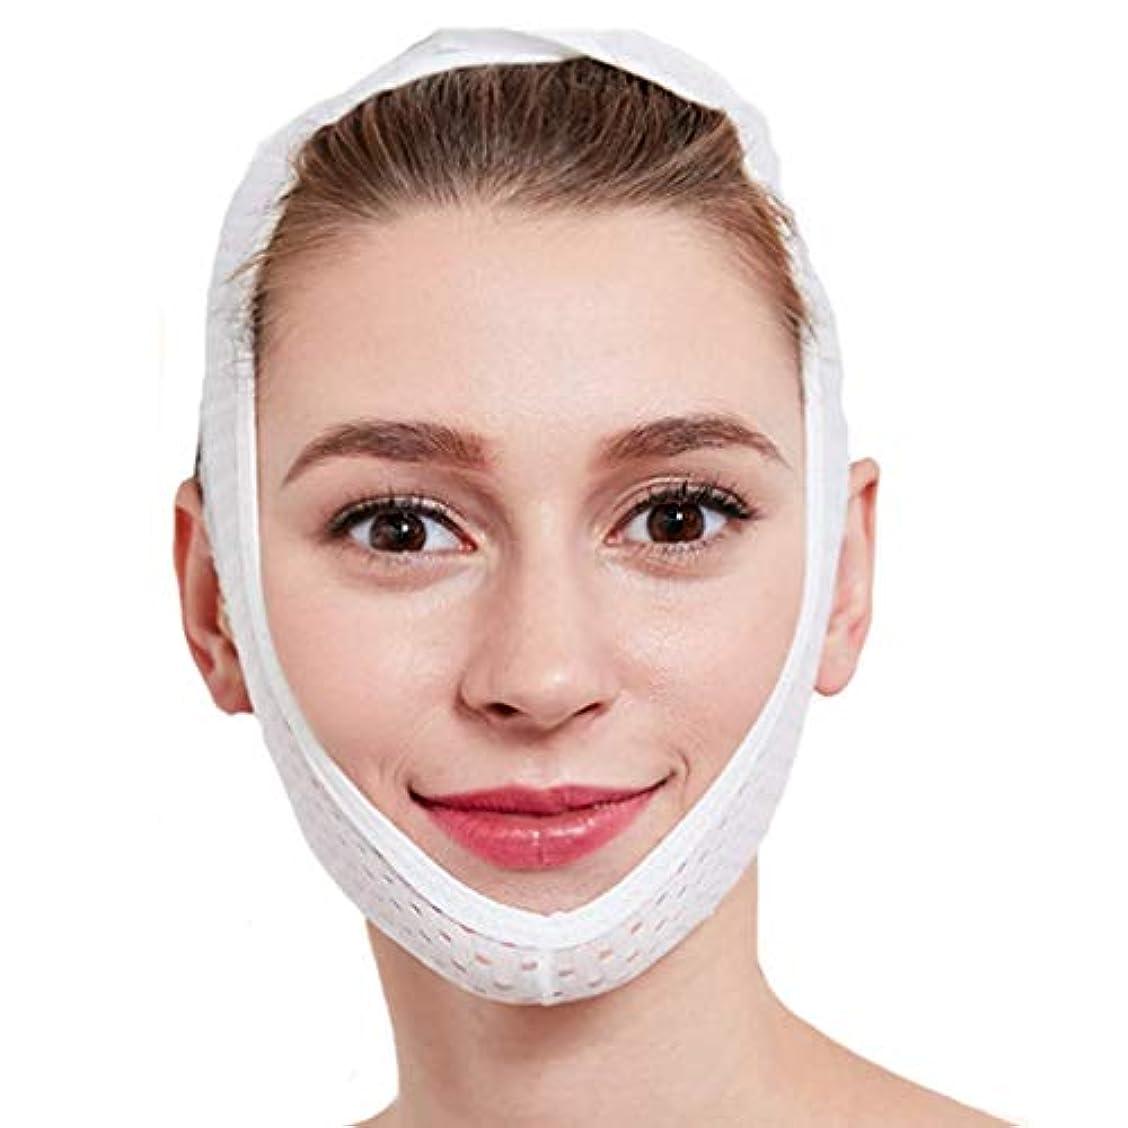 順応性のある工業用実際の小顔リフトアップベルト 小顔補正ベルト 小顔補正 美容グッズ 二重あご シェイプアップ 加圧マスク ベルト